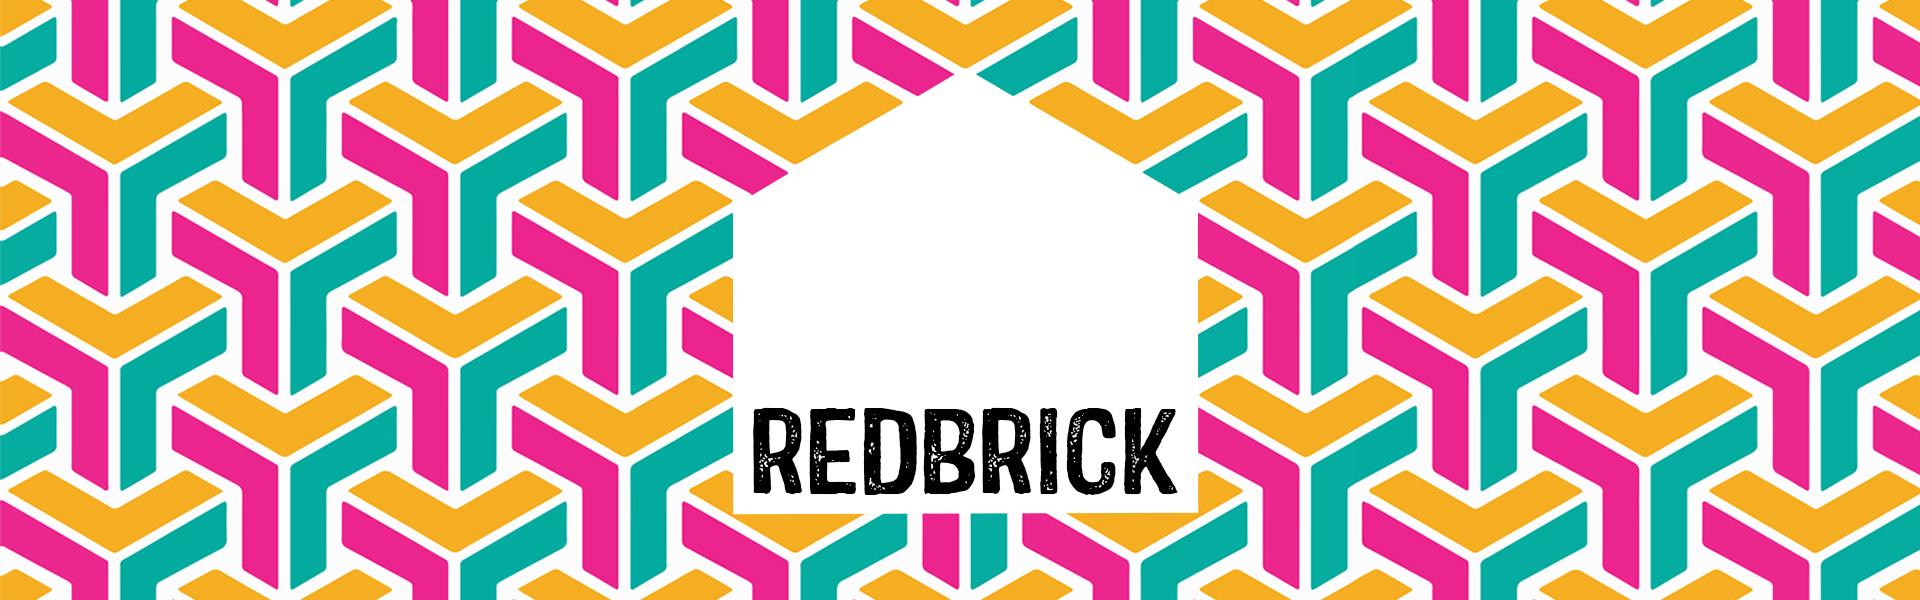 Redbrick House Logo